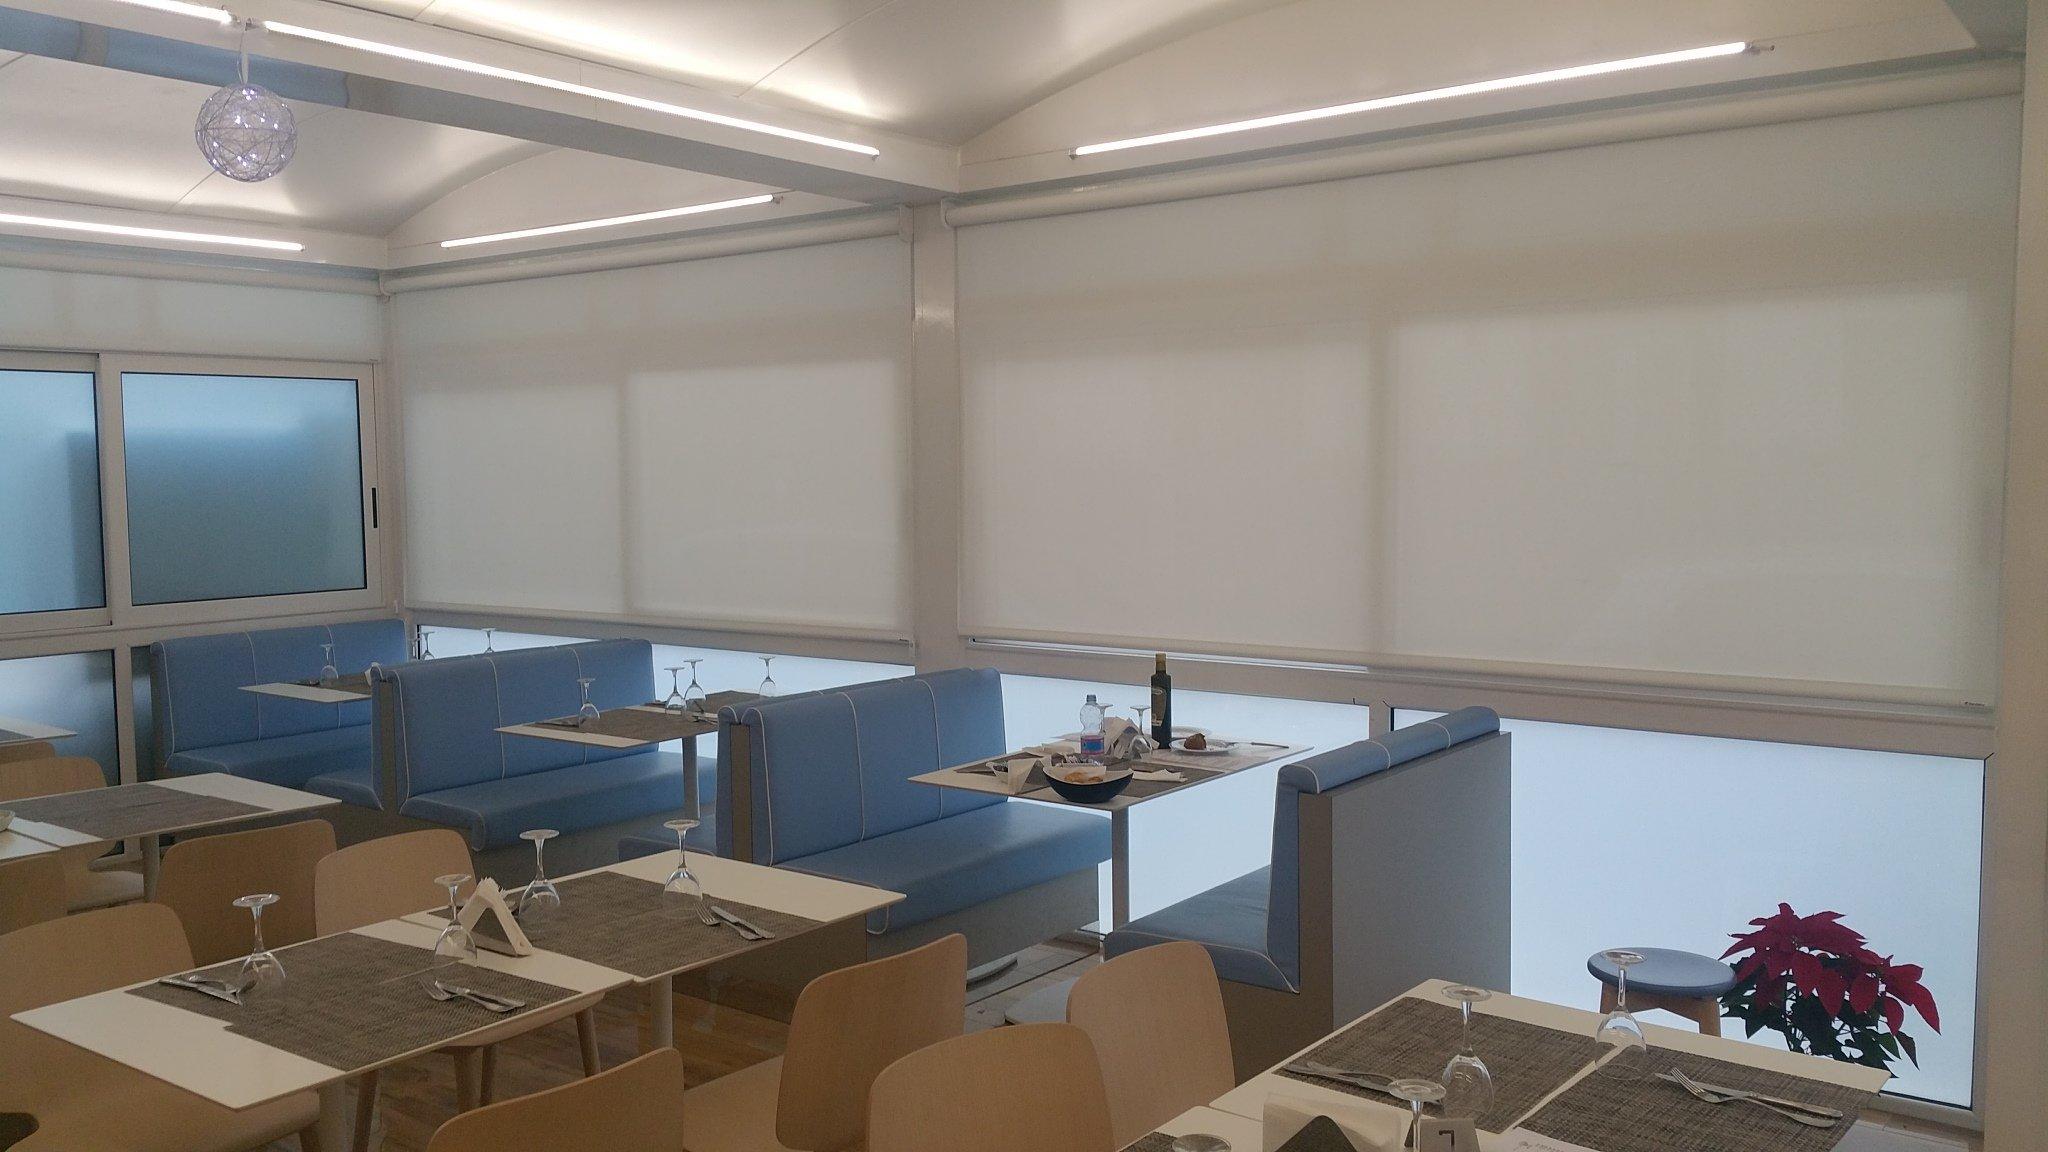 Arredi ufficio palermo interesting reception bridge with for Arredamento moderno palermo